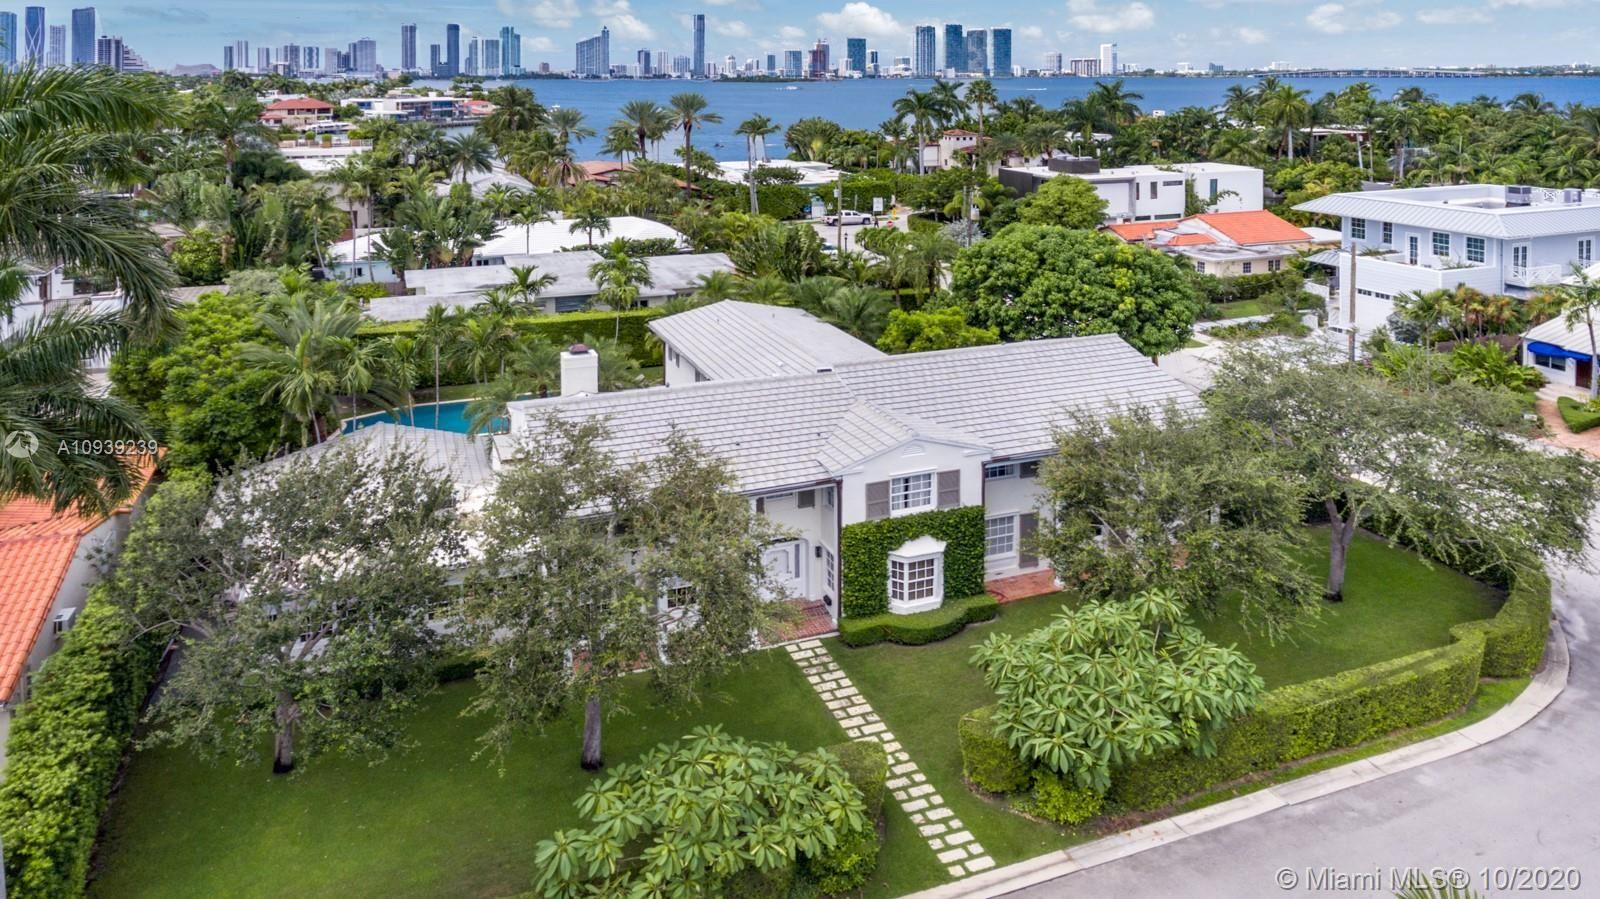 620 E Dilido Dr, Miami Beach, FL 33139 - #: A10939239